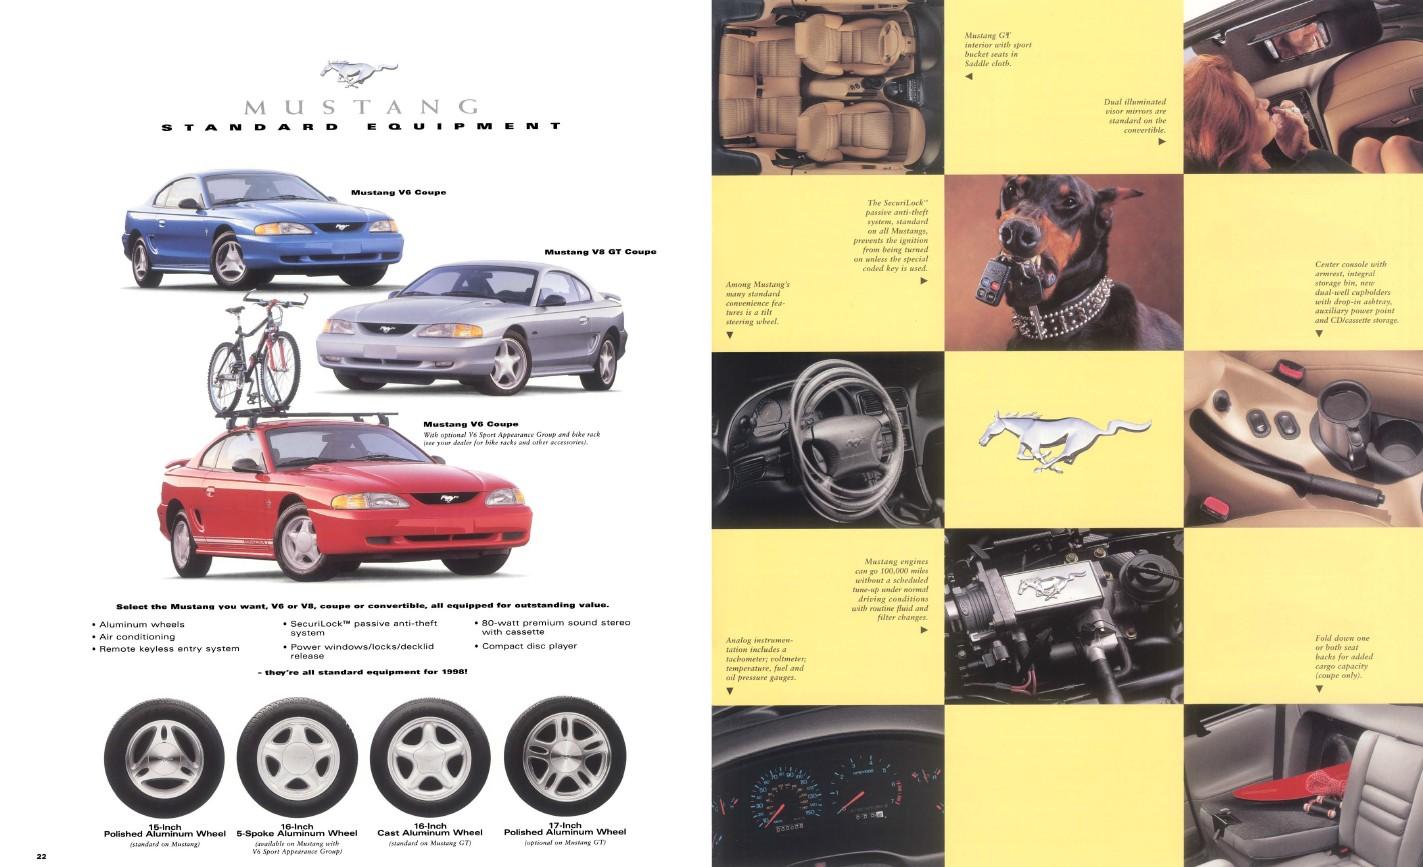 1998-ford-mustang-brochure-11.jpg